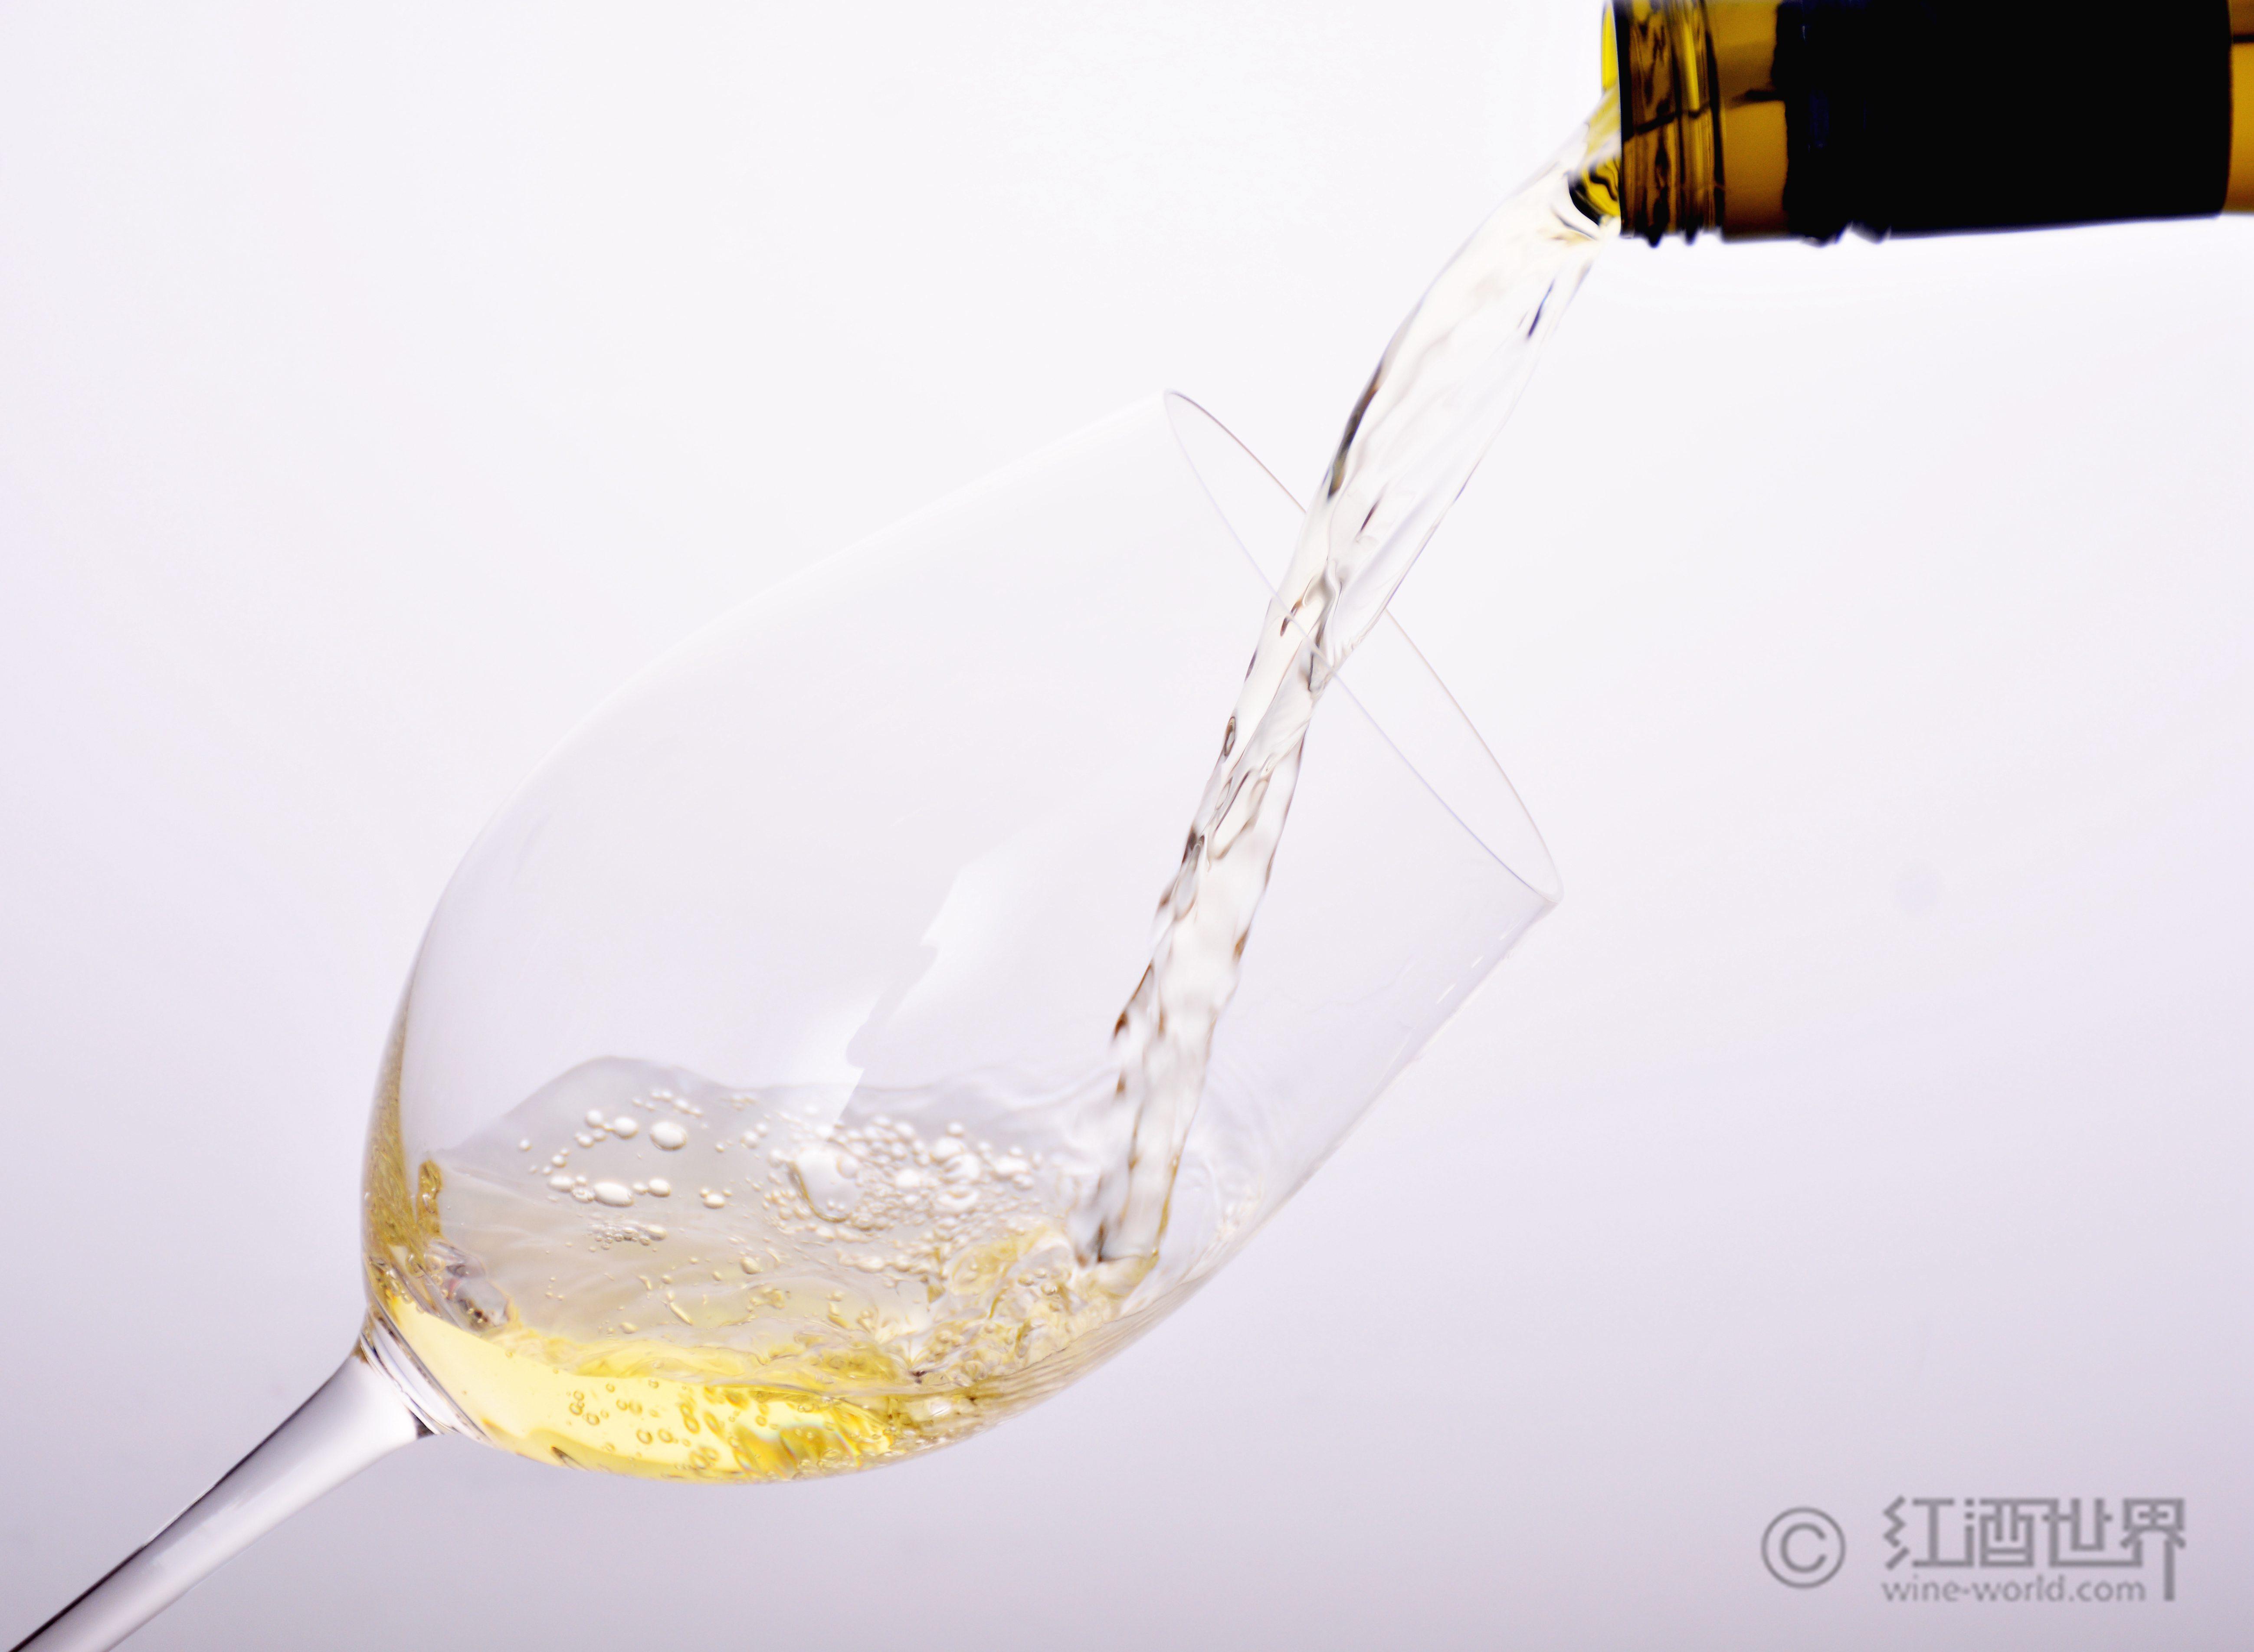 美酒與火腿共舞:如何為不同類型的火腿搭配葡萄酒